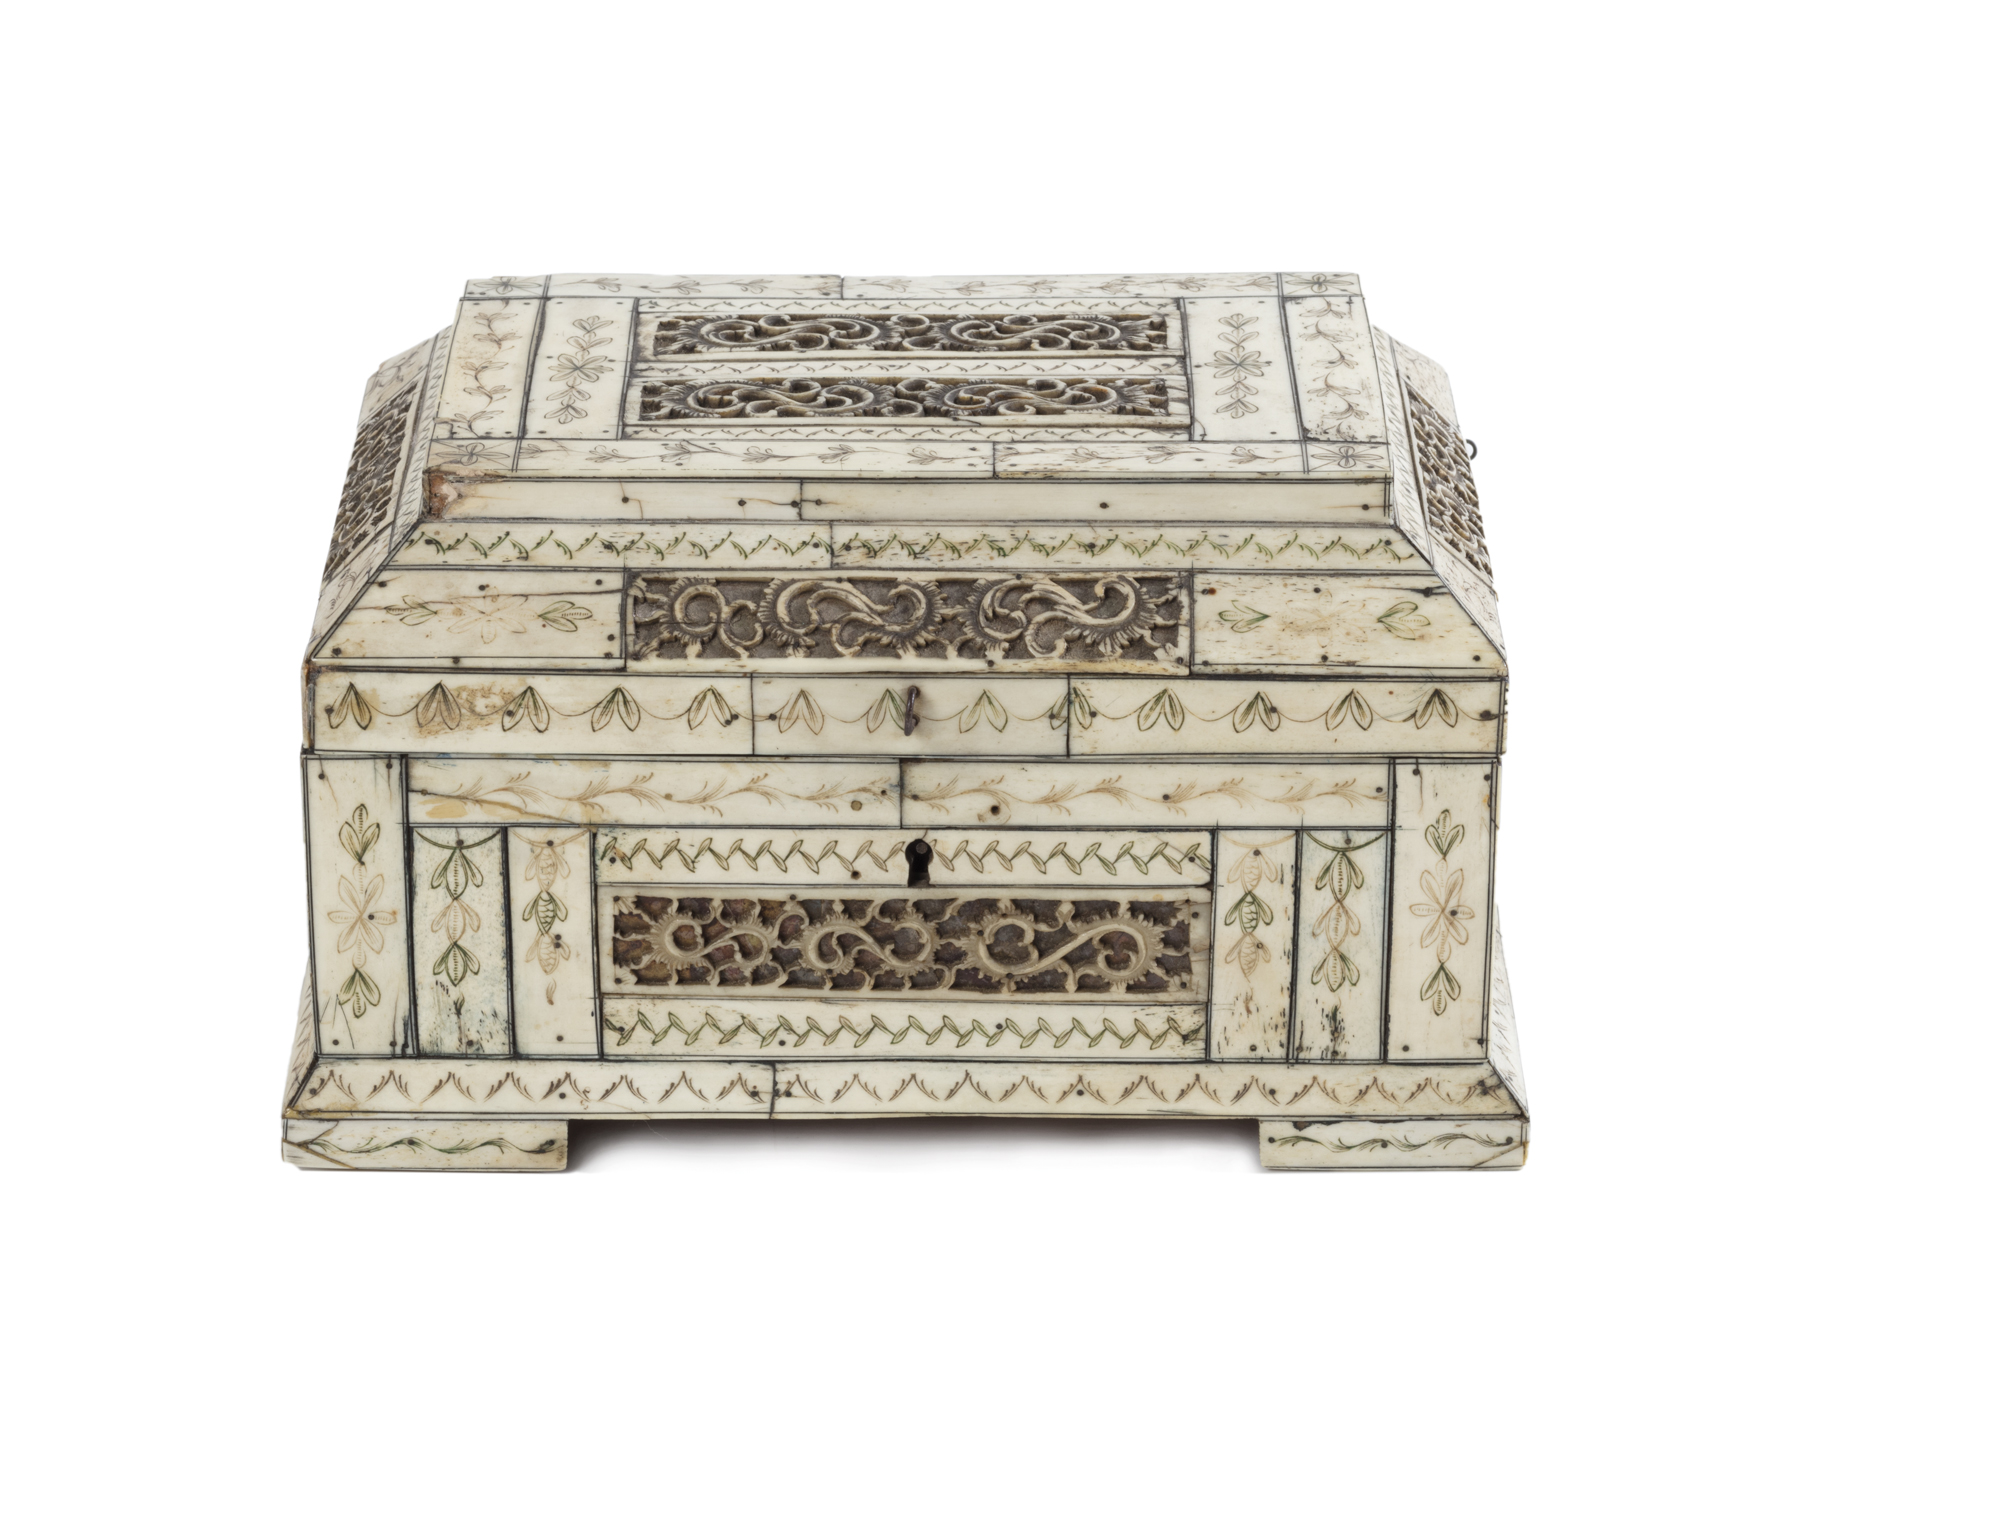 cofanetto in legno rivestito in osso da antico modello